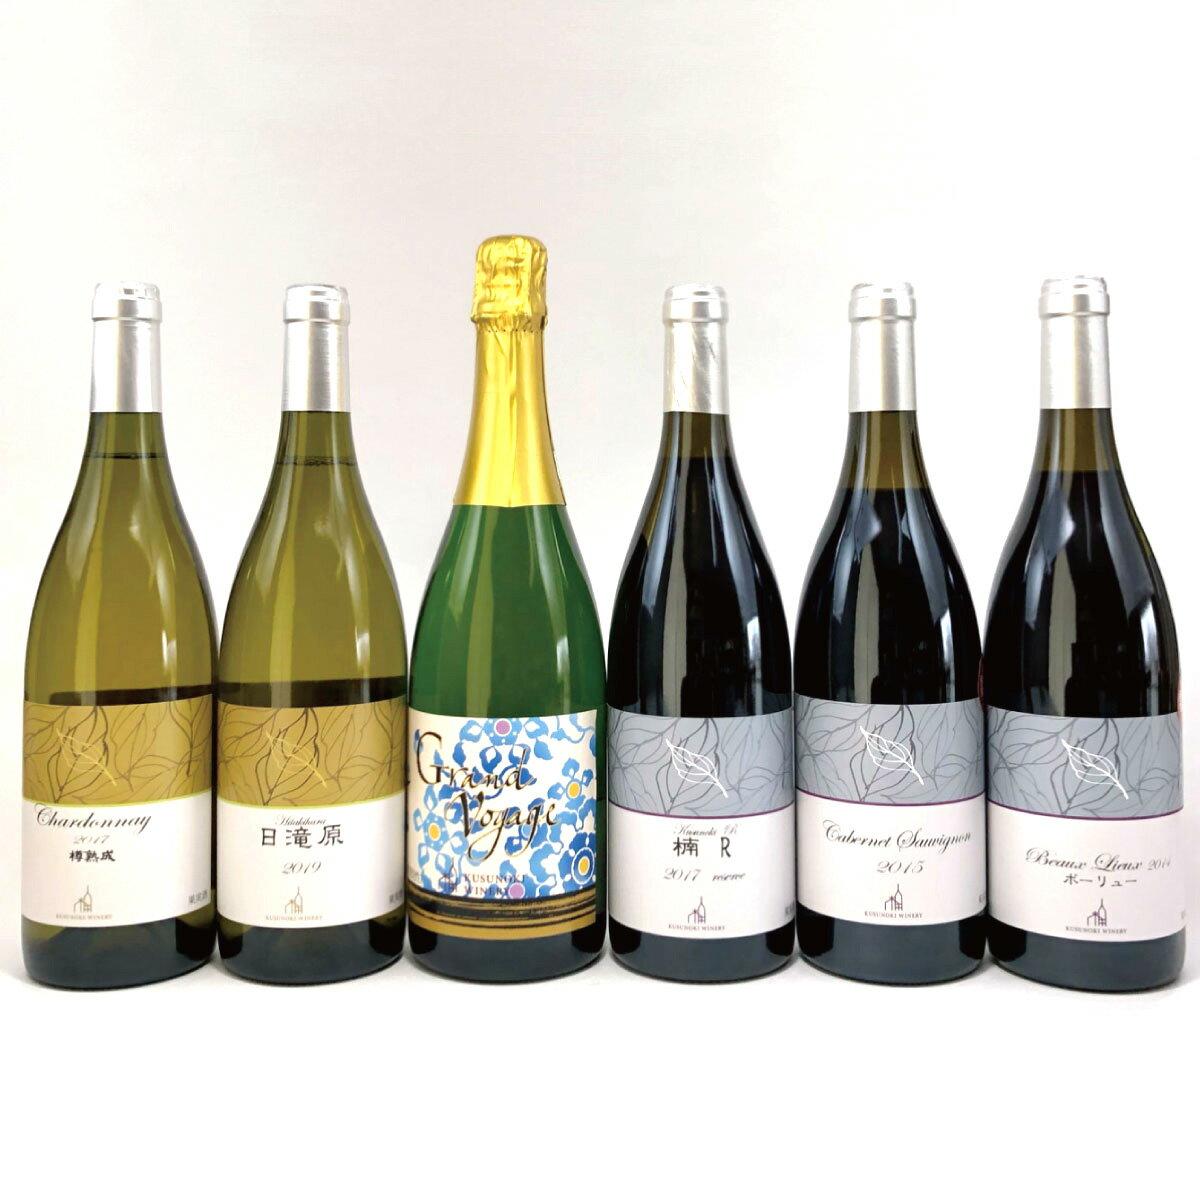 自社栽培ぶどうお薦めワイン6種《楠わいなりー》[ワイン・お酒・洋酒・ぶどう・葡萄・ブドウ・白ワイン・赤ワイン]